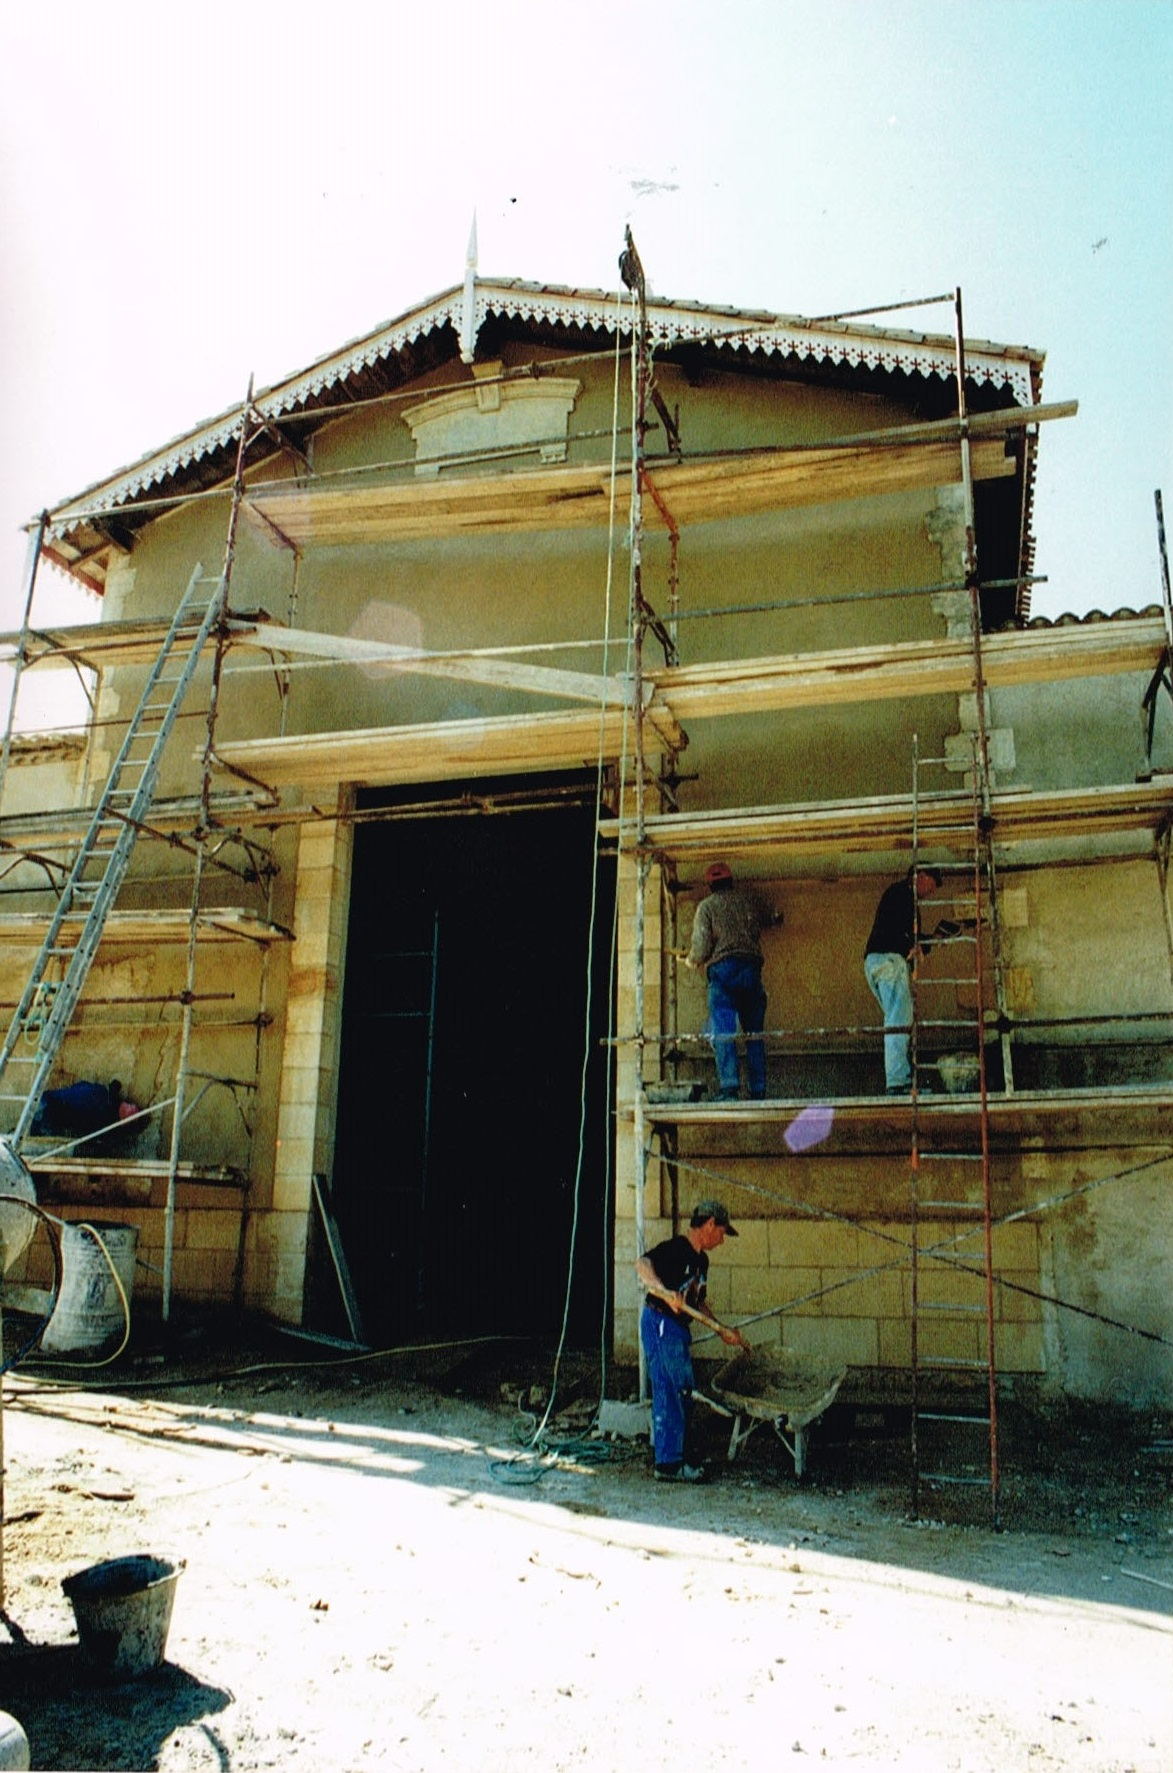 chantier en cours renovation avec materiaux anciens pierre. Black Bedroom Furniture Sets. Home Design Ideas